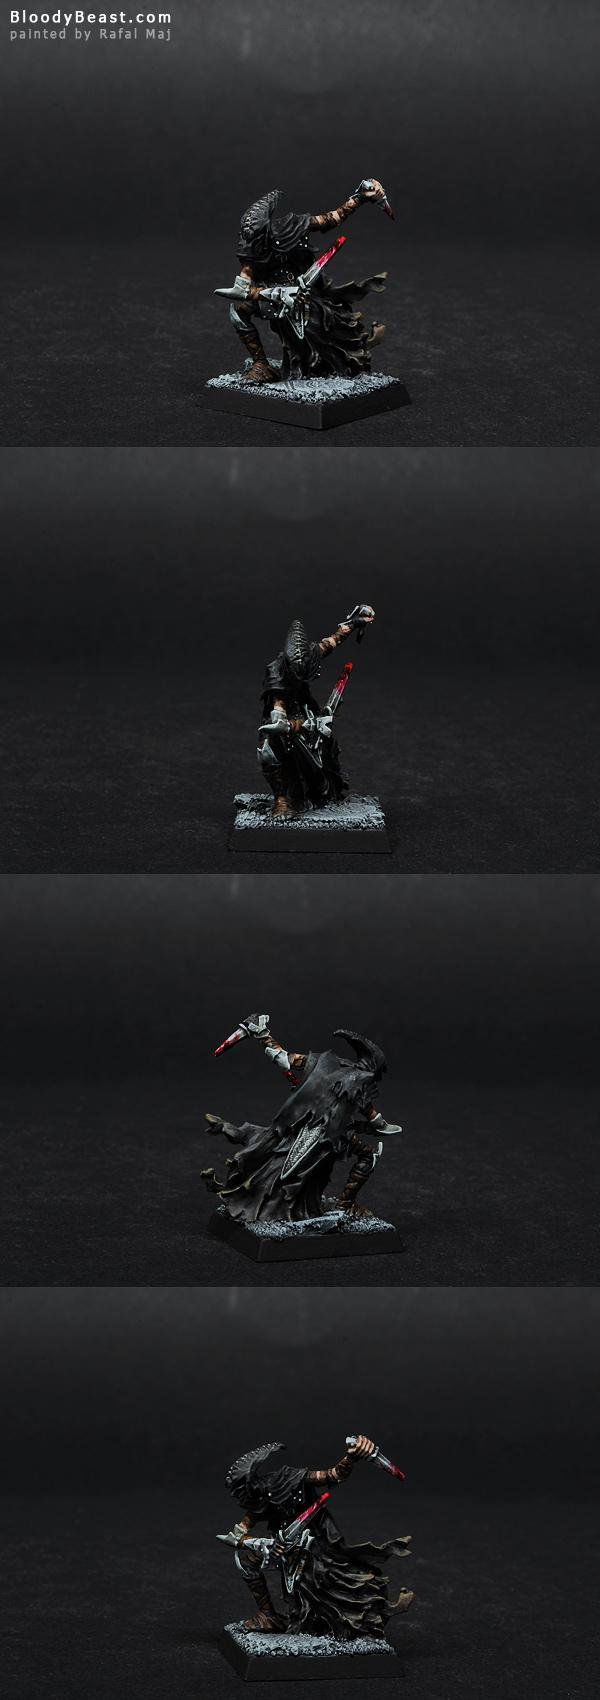 Darkreach Zalash Assassin painted by Rafal Maj (BloodyBeast.com)